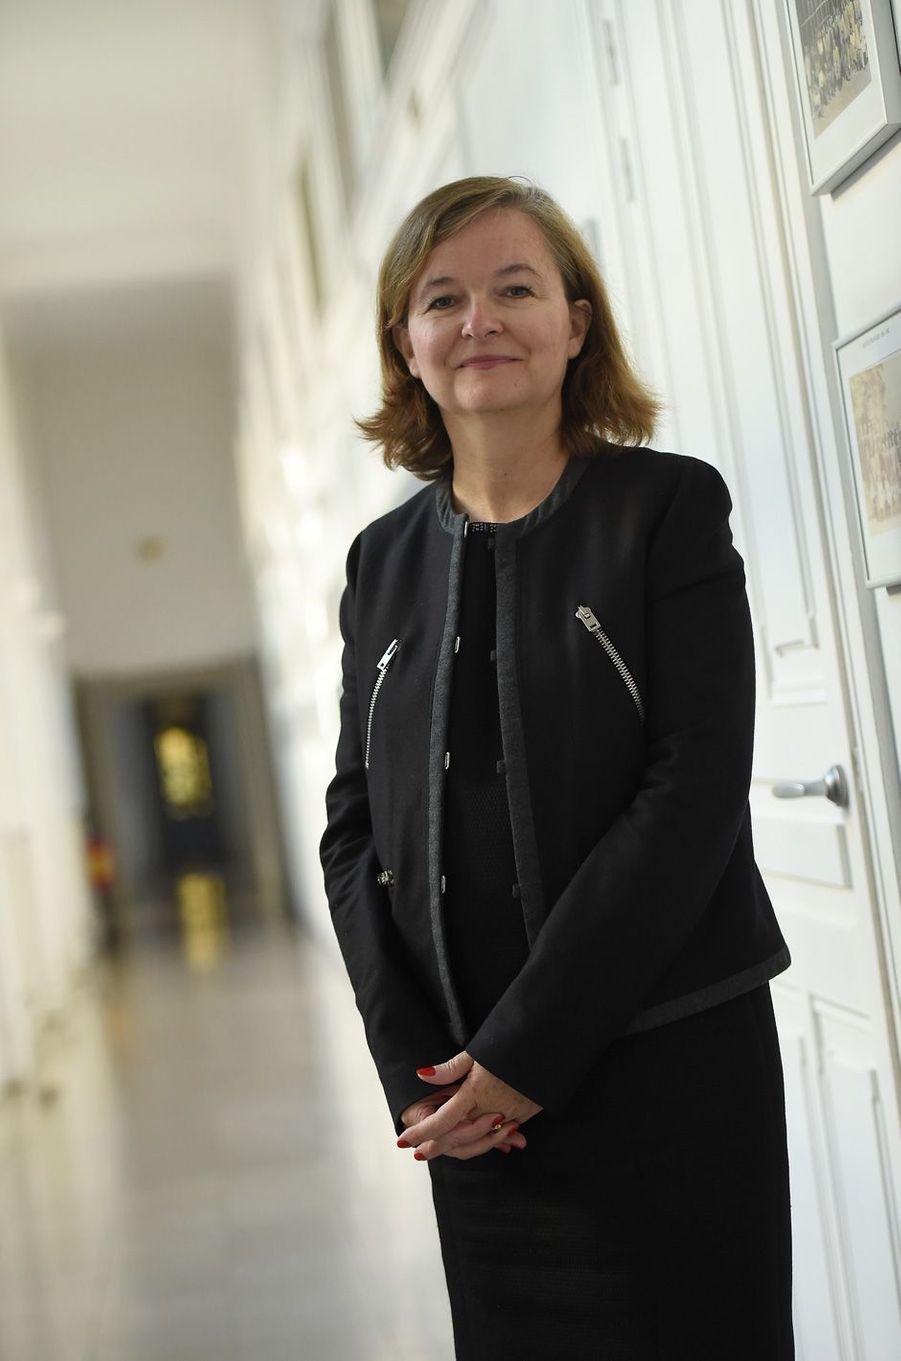 Nathalie Loiseaua été nomméeministre chargée des Affaires européennes.